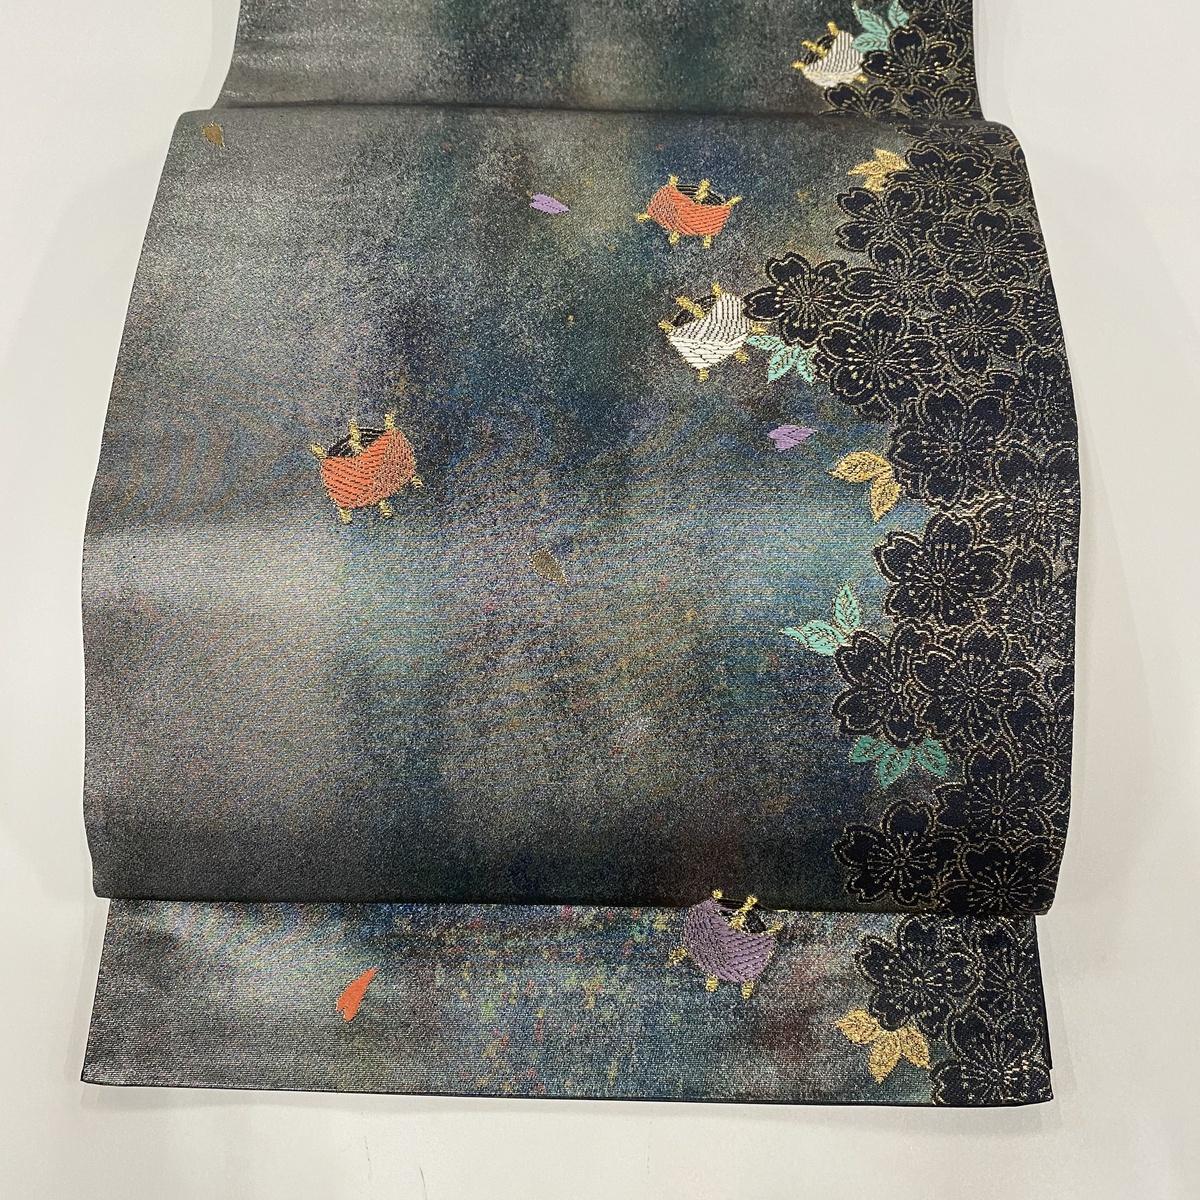 袋帯 美品 秀品 本金鋳箔 引箔袋 桜 糸巻き 金糸 刺繍 灰緑 六通 正絹 【中古】